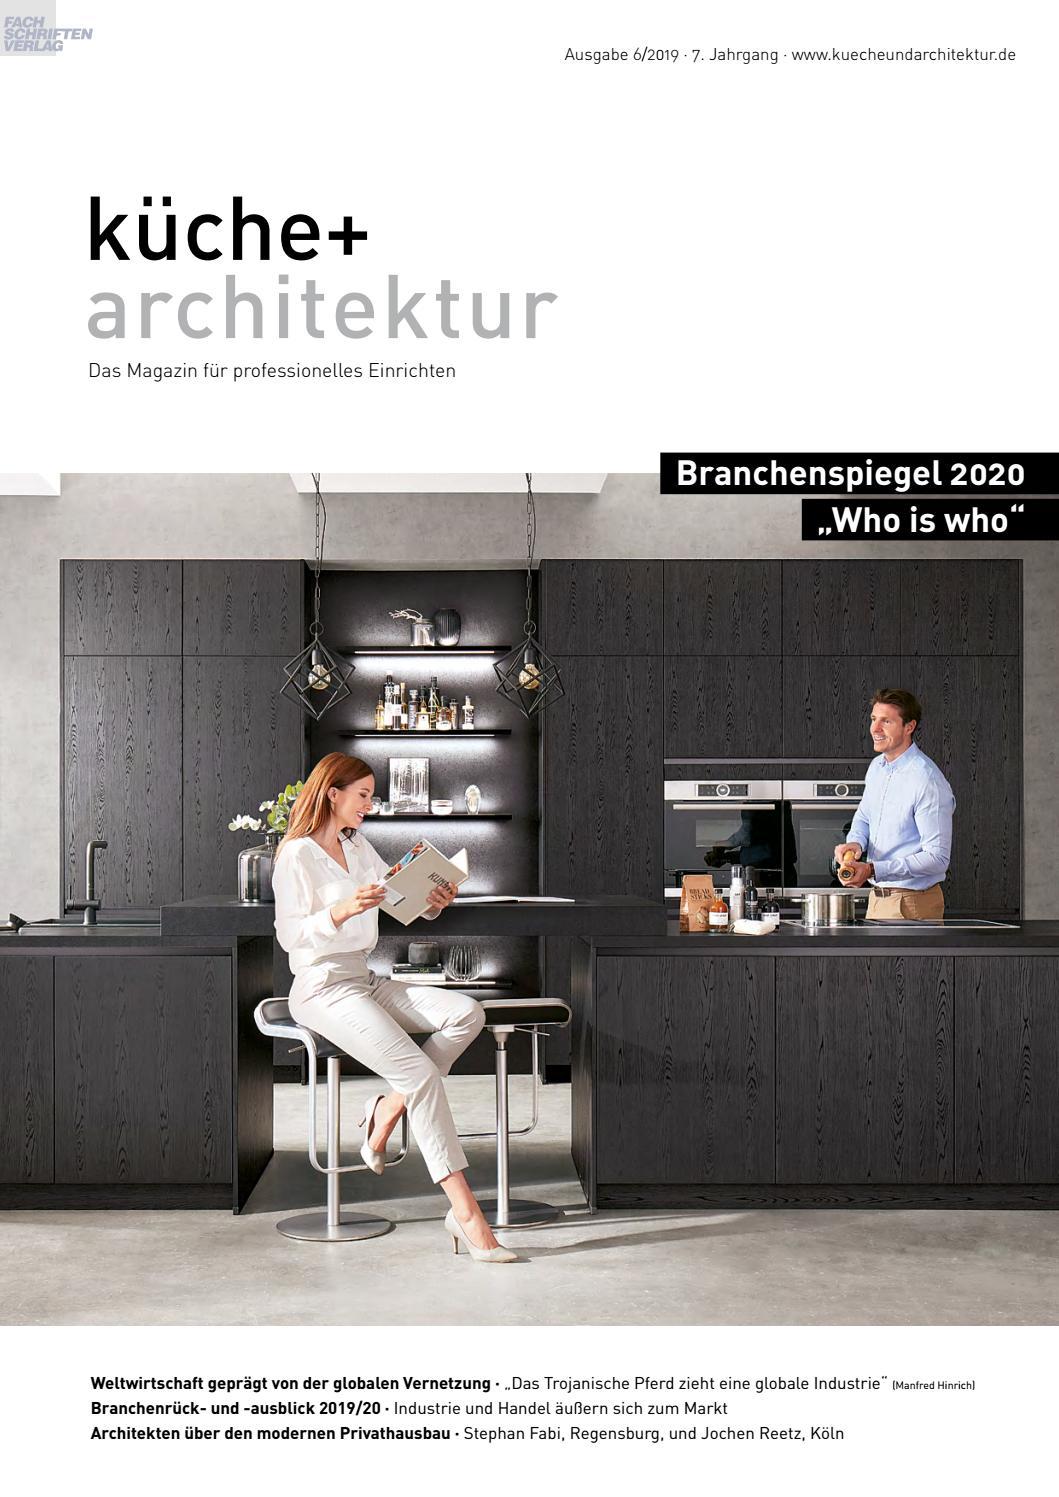 Full Size of Kche Architektur 6 2019 By Fachschriften Verlag Inselküche Abverkauf Küchen Regal Bad Wohnzimmer Bulthaup Küchen Abverkauf österreich